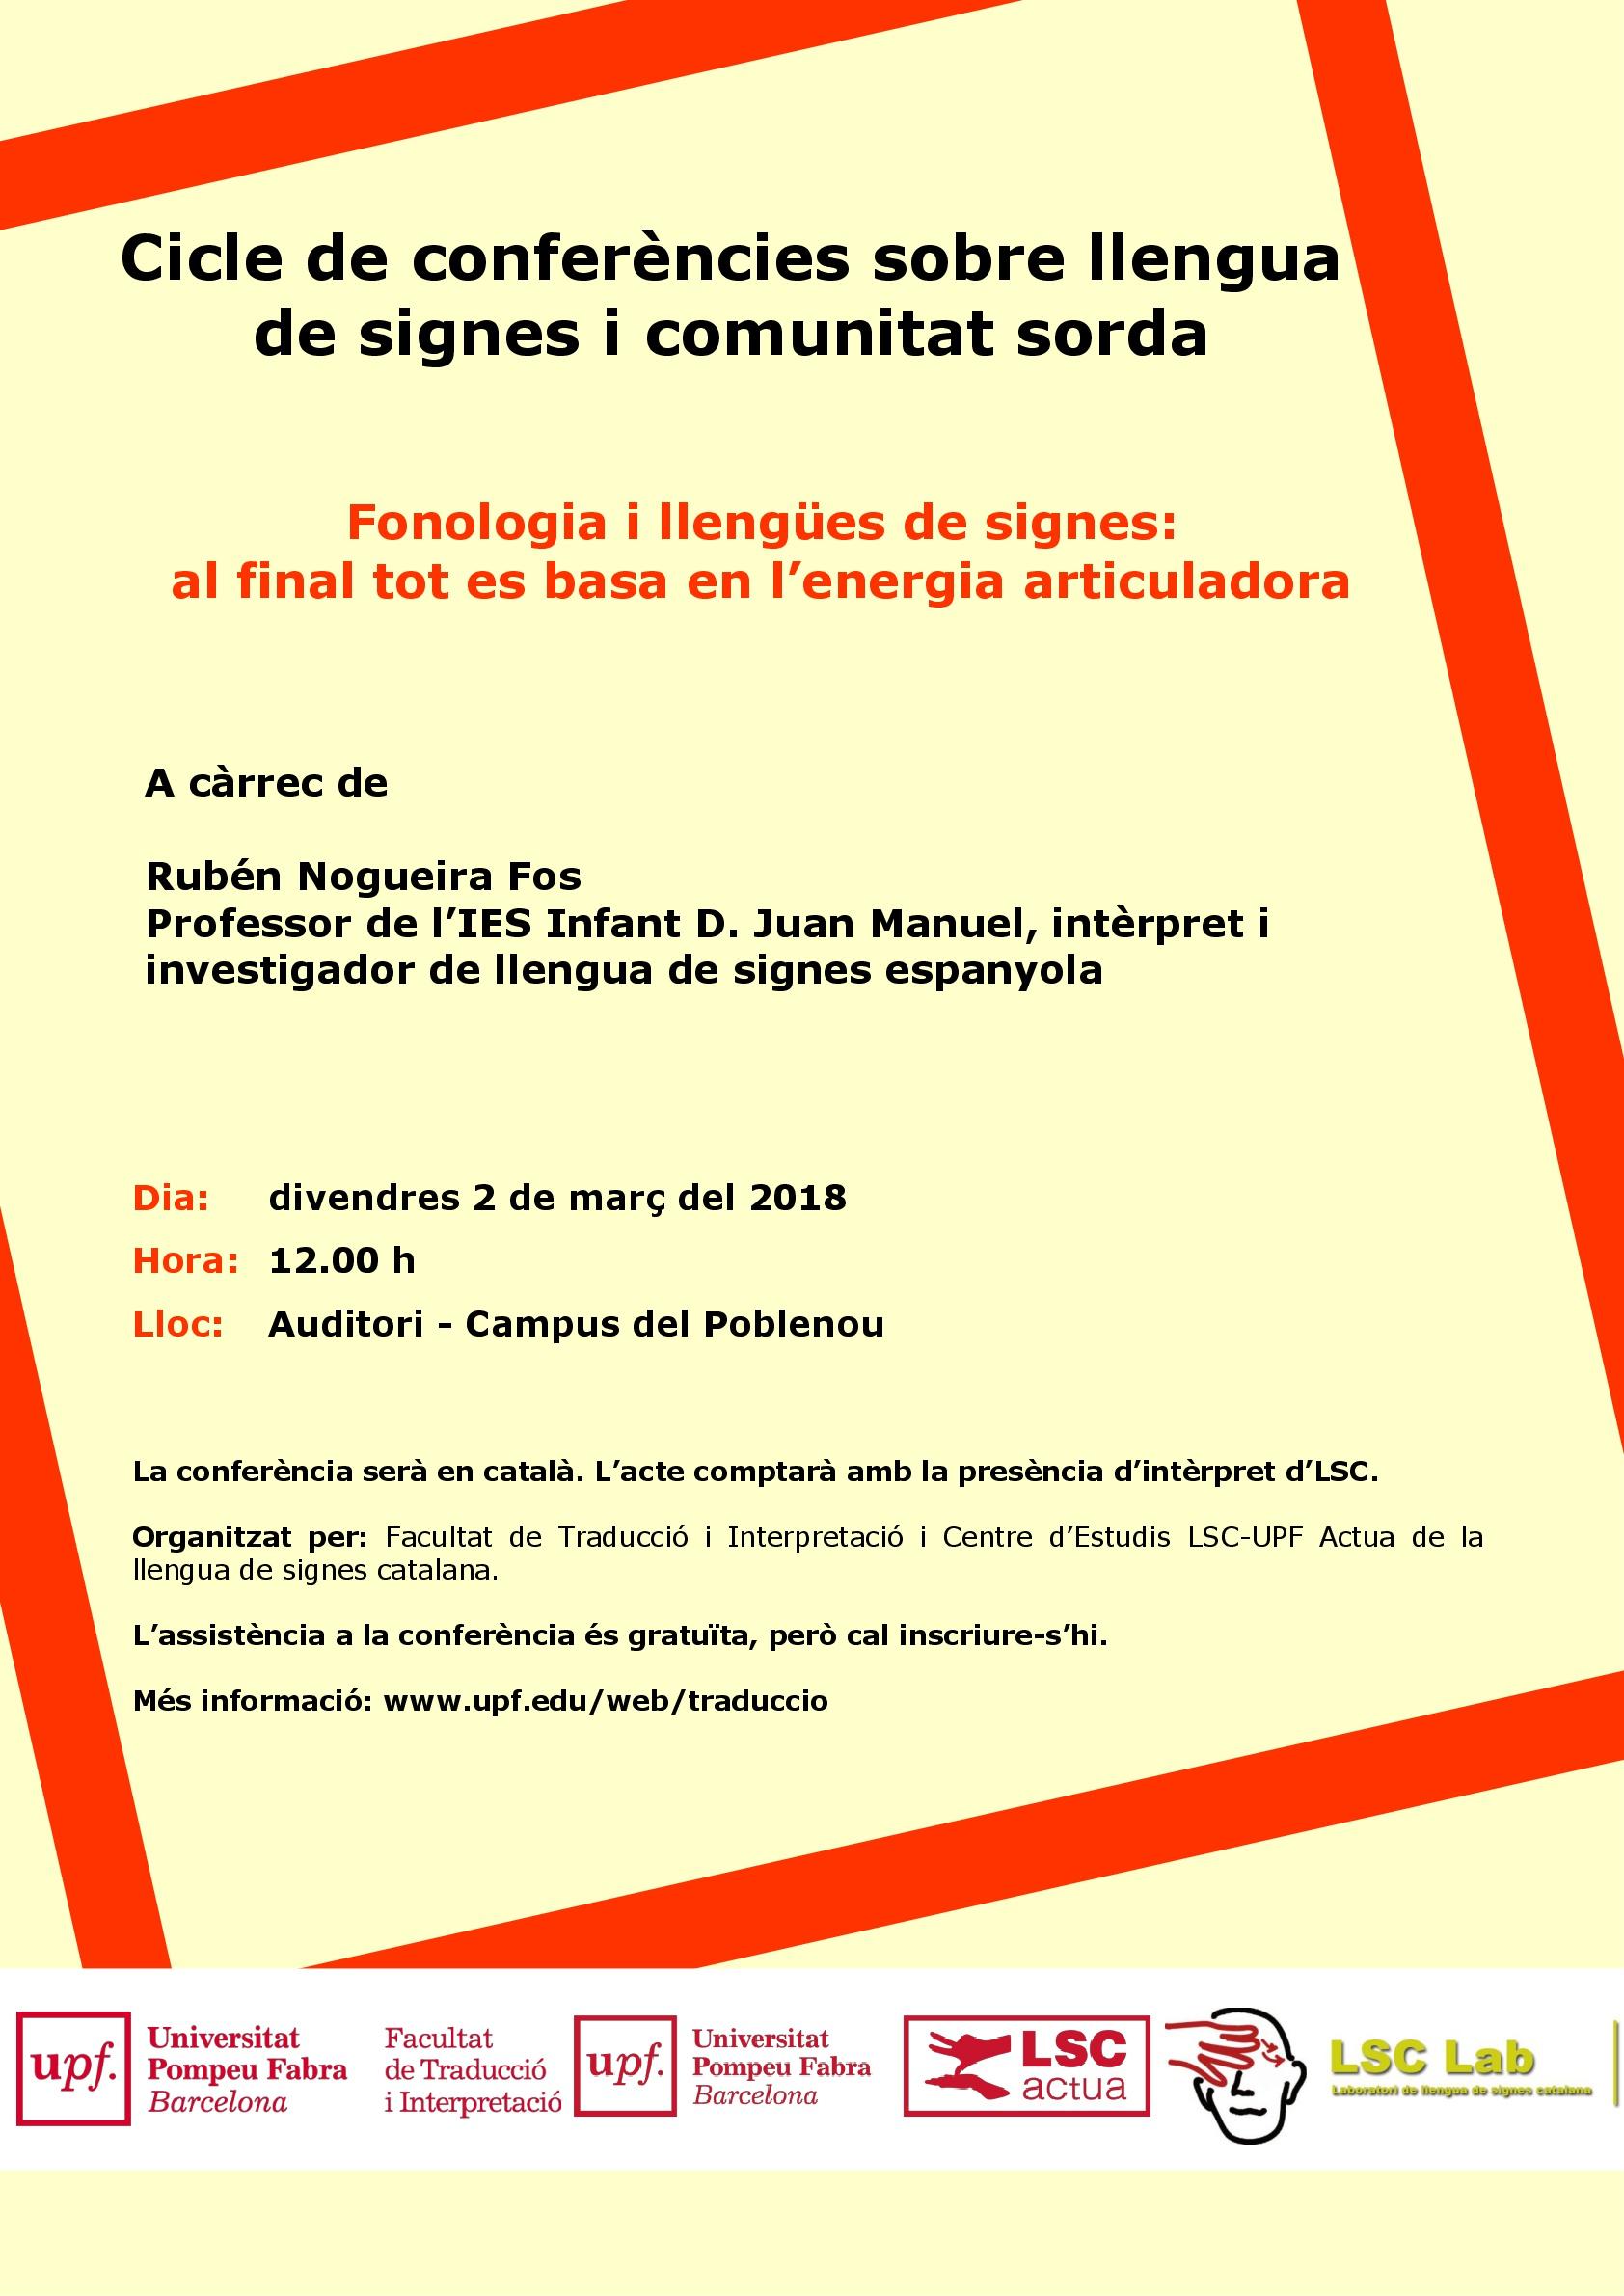 """Conferència """"Fonologia i llengües de signes: al final tot es basa en l'energia articuladora"""" -2 maz'18, Barcelona 3fcf0a14-dd69-2d30-137d-fea07a94c65f?t=1516964921583"""